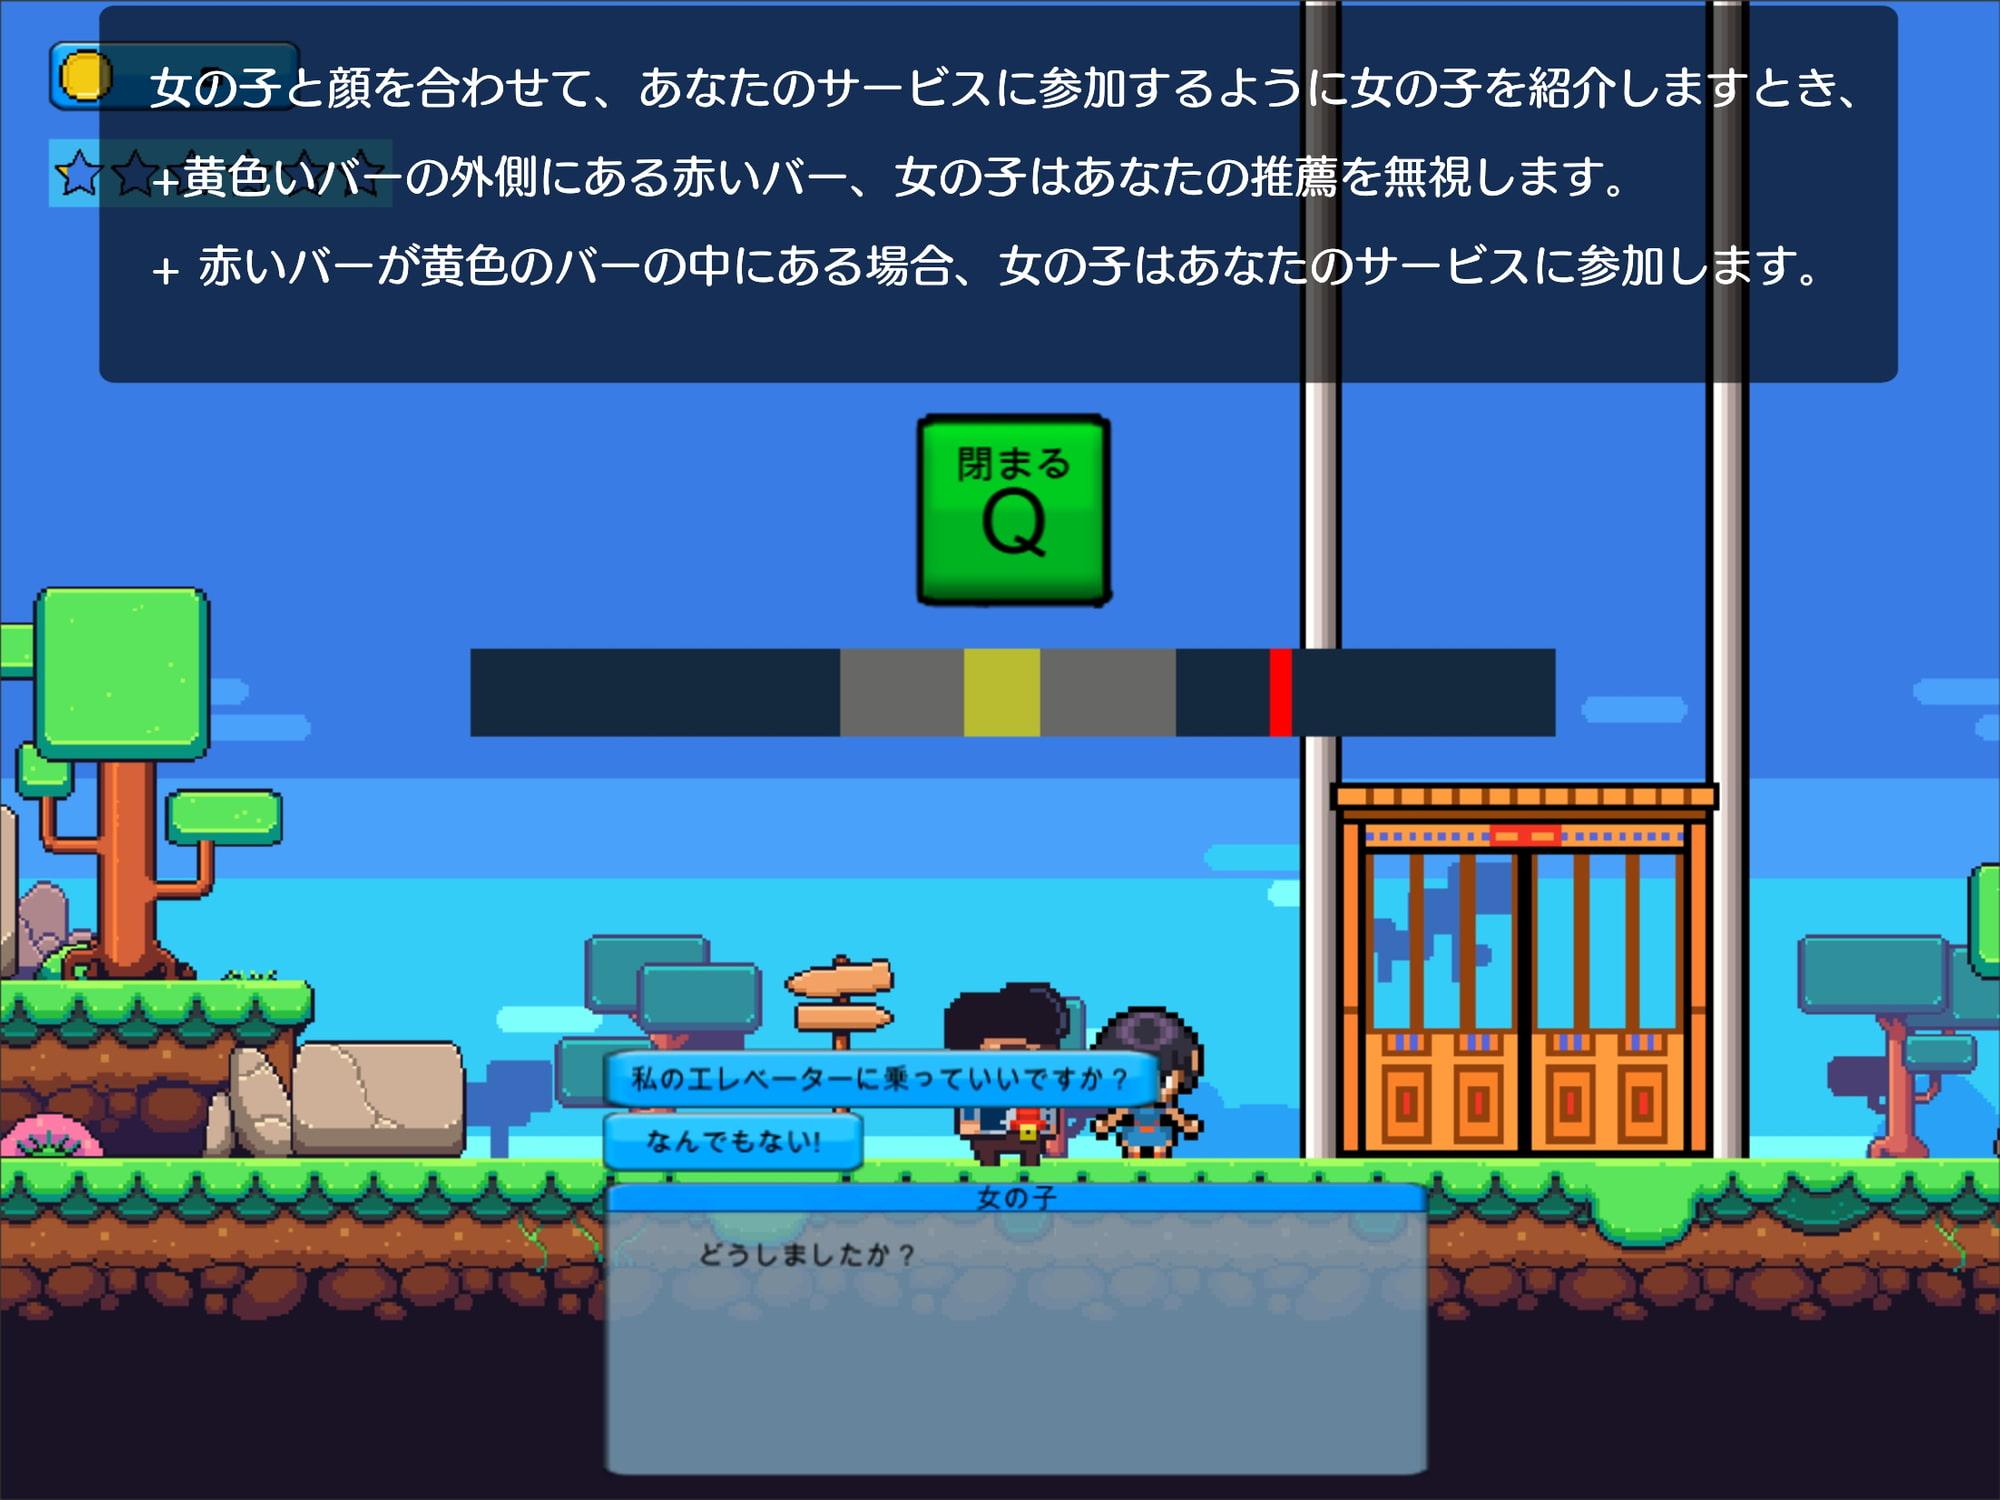 エレベーターで立ち往生している女の子にセックスする。 (Eka) DLsite提供:同人ゲーム – シミュレーション